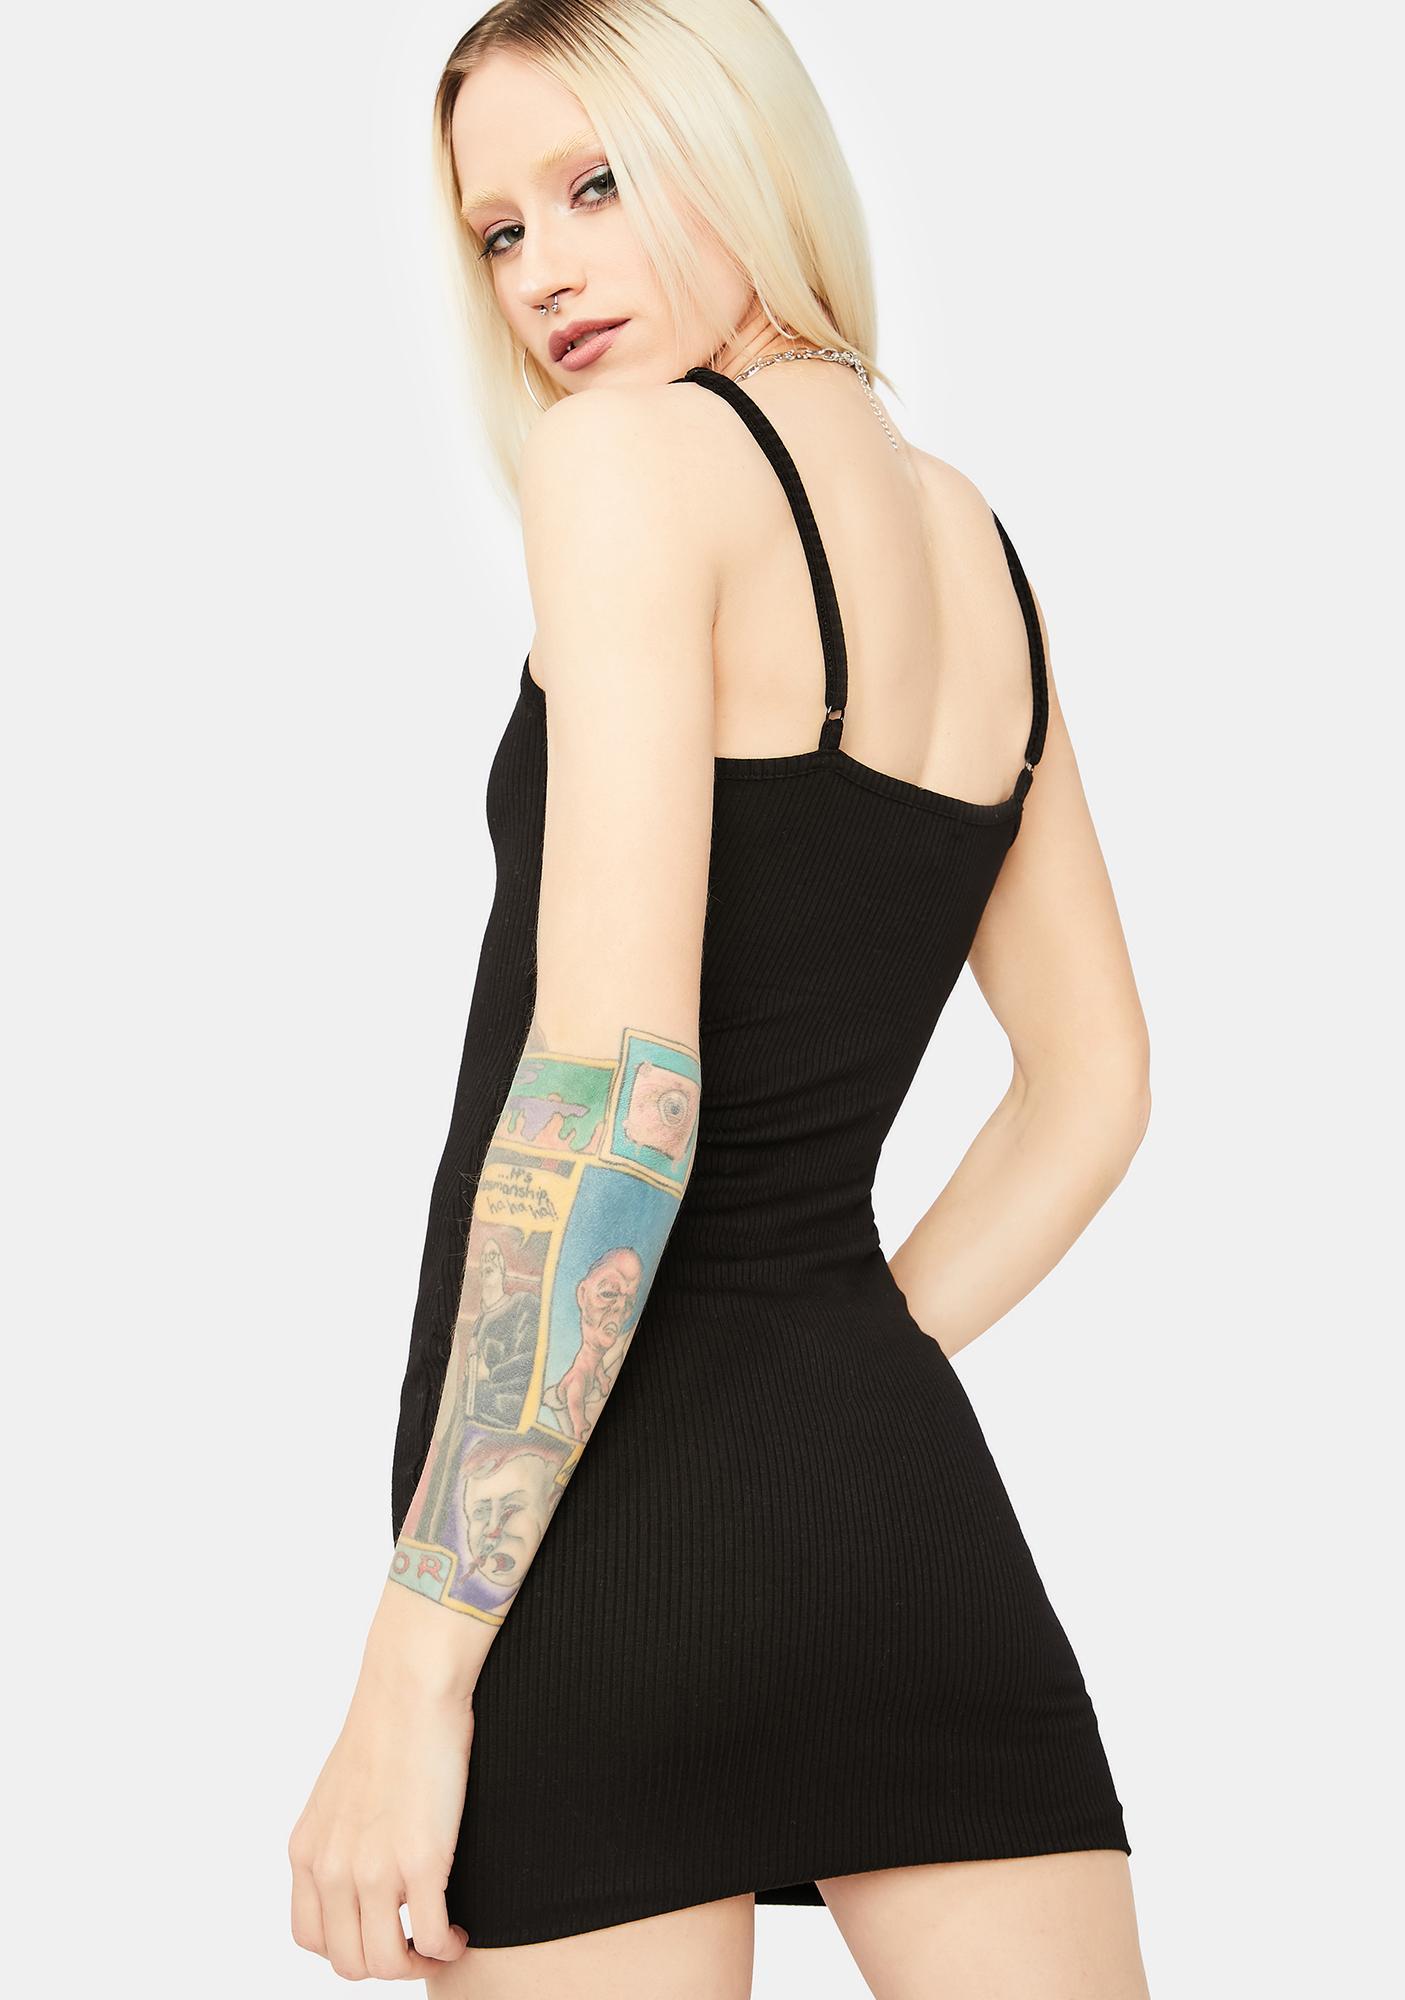 Just Makes Sense Ribbed Mini Dress